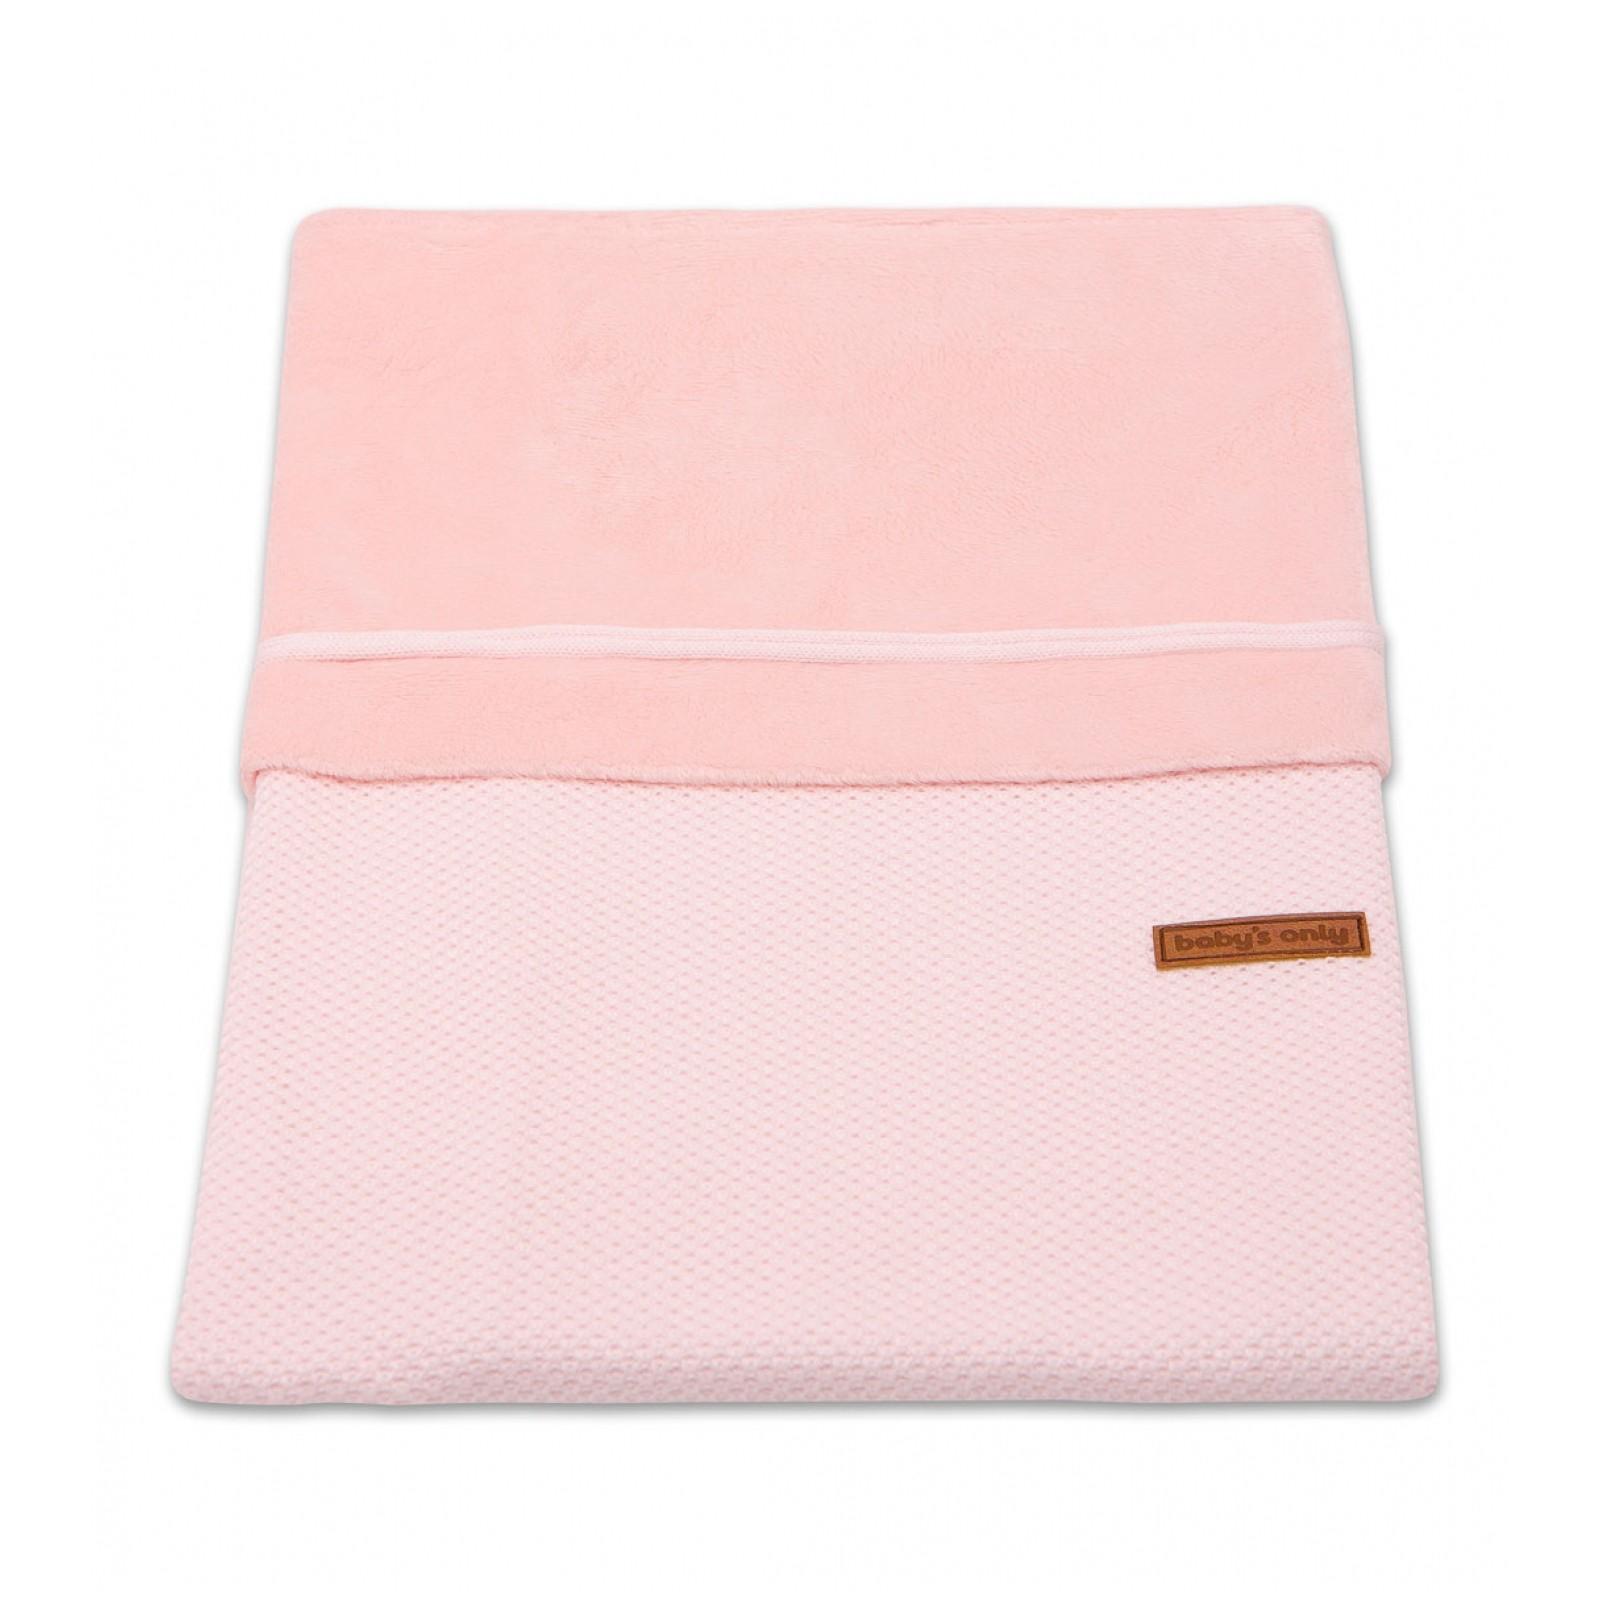 Baby's Only Dekbedovertrek Ledikant Soft Classic Roze - kleur: Roze - Babys Only